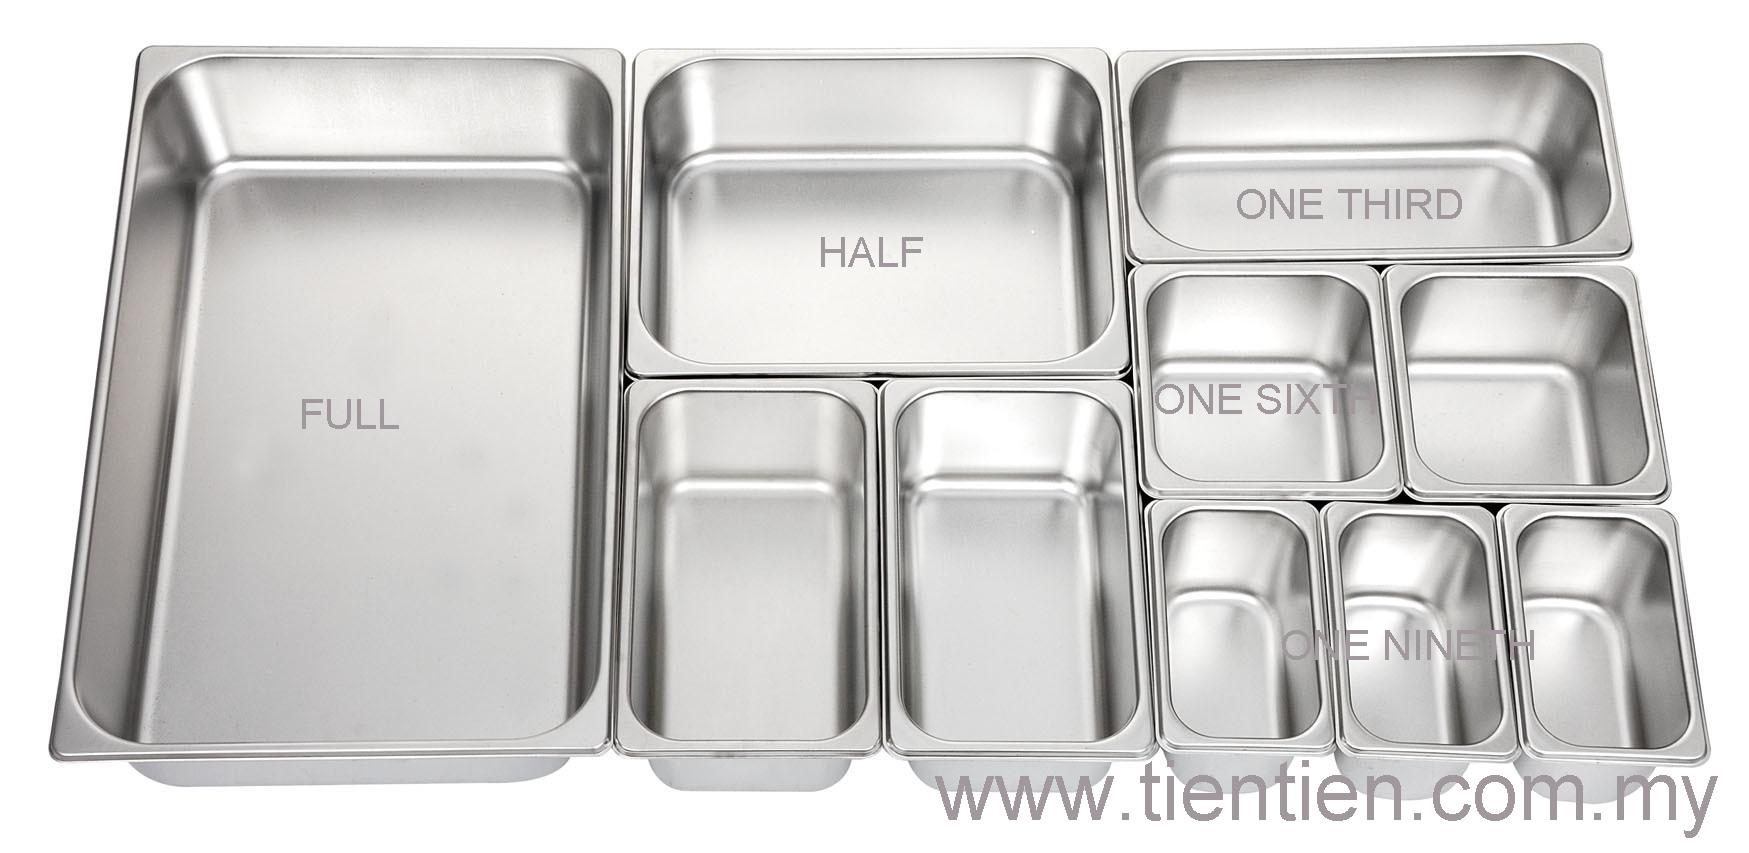 Stainless-Steel-Gastronom-Pans-Stainlesss-Steel-Food-Pan-Gn-Pan.jpg